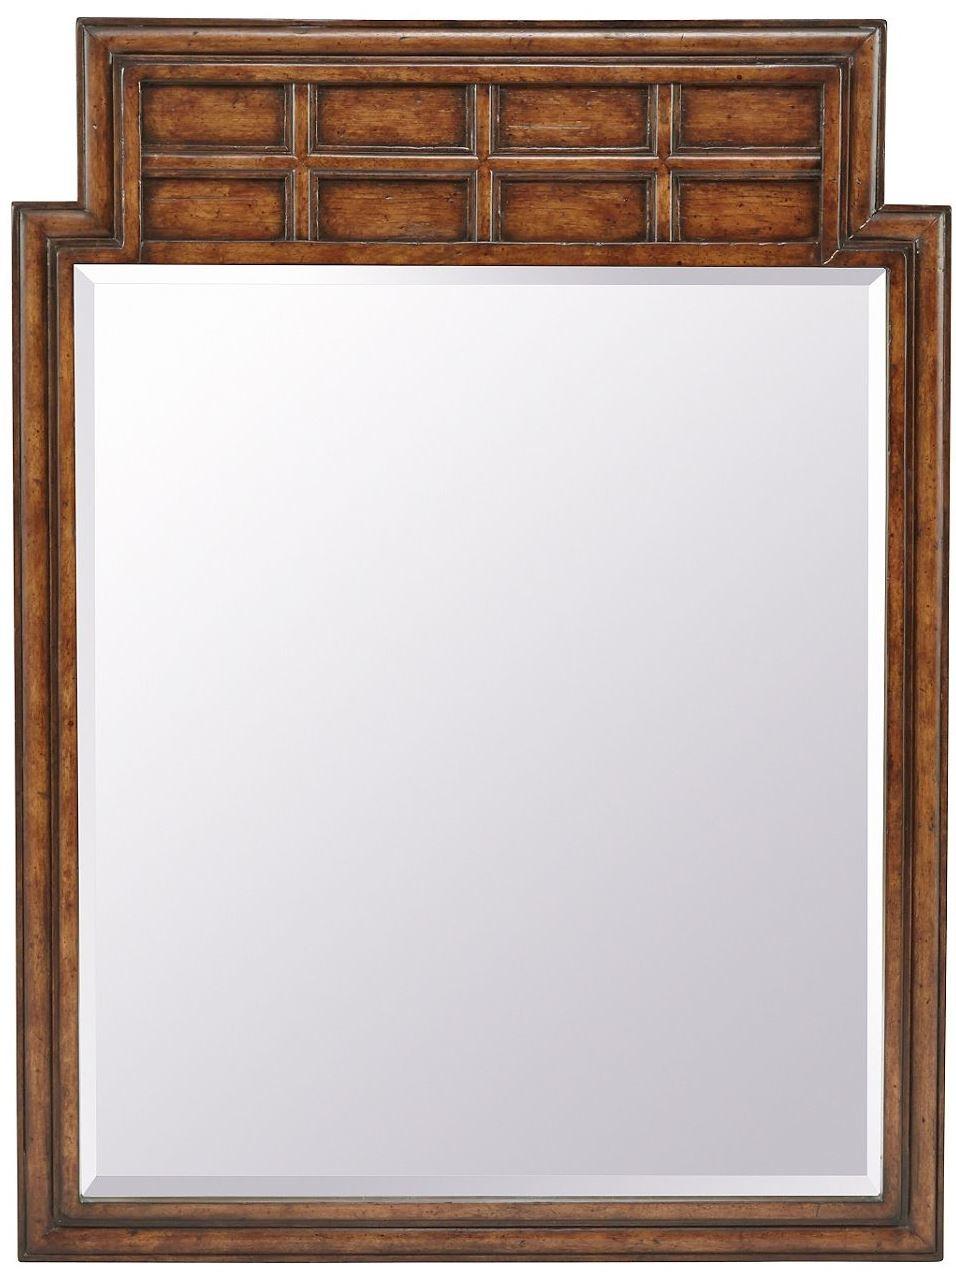 tilden hearth mirror from stanley coleman furniture